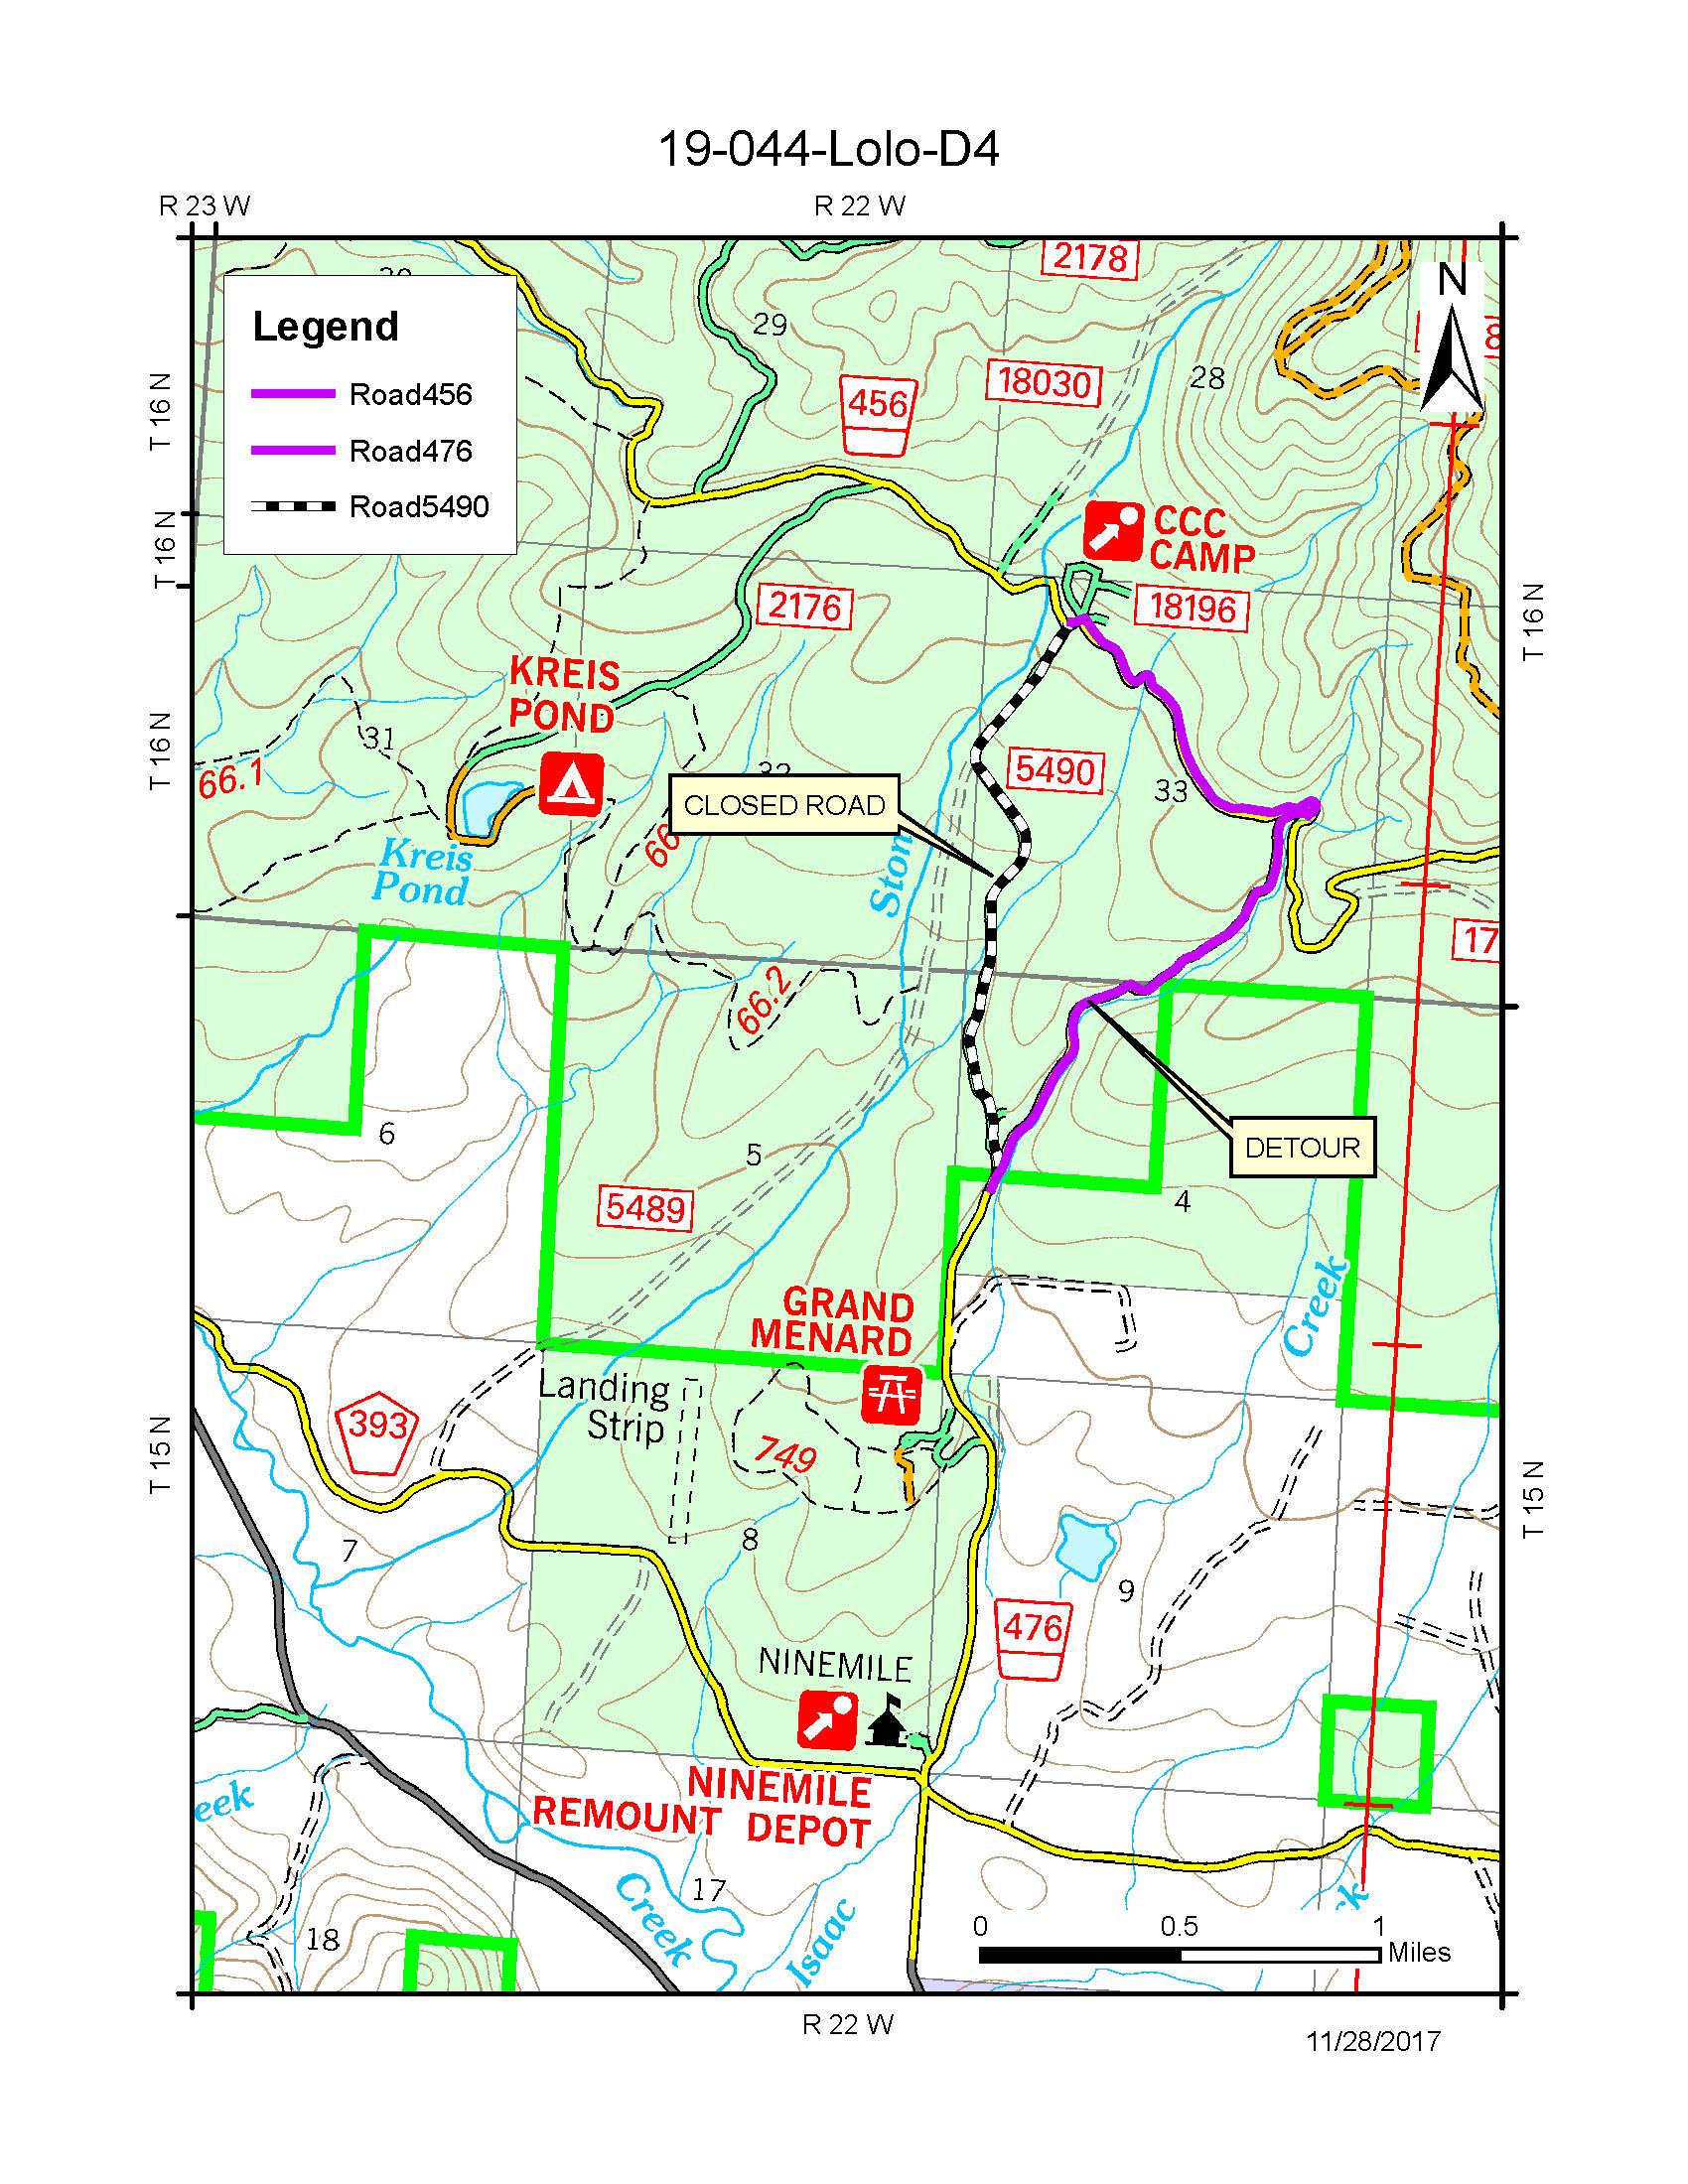 Order 19-044-LOLO-D4 Road 5490 Closure Map